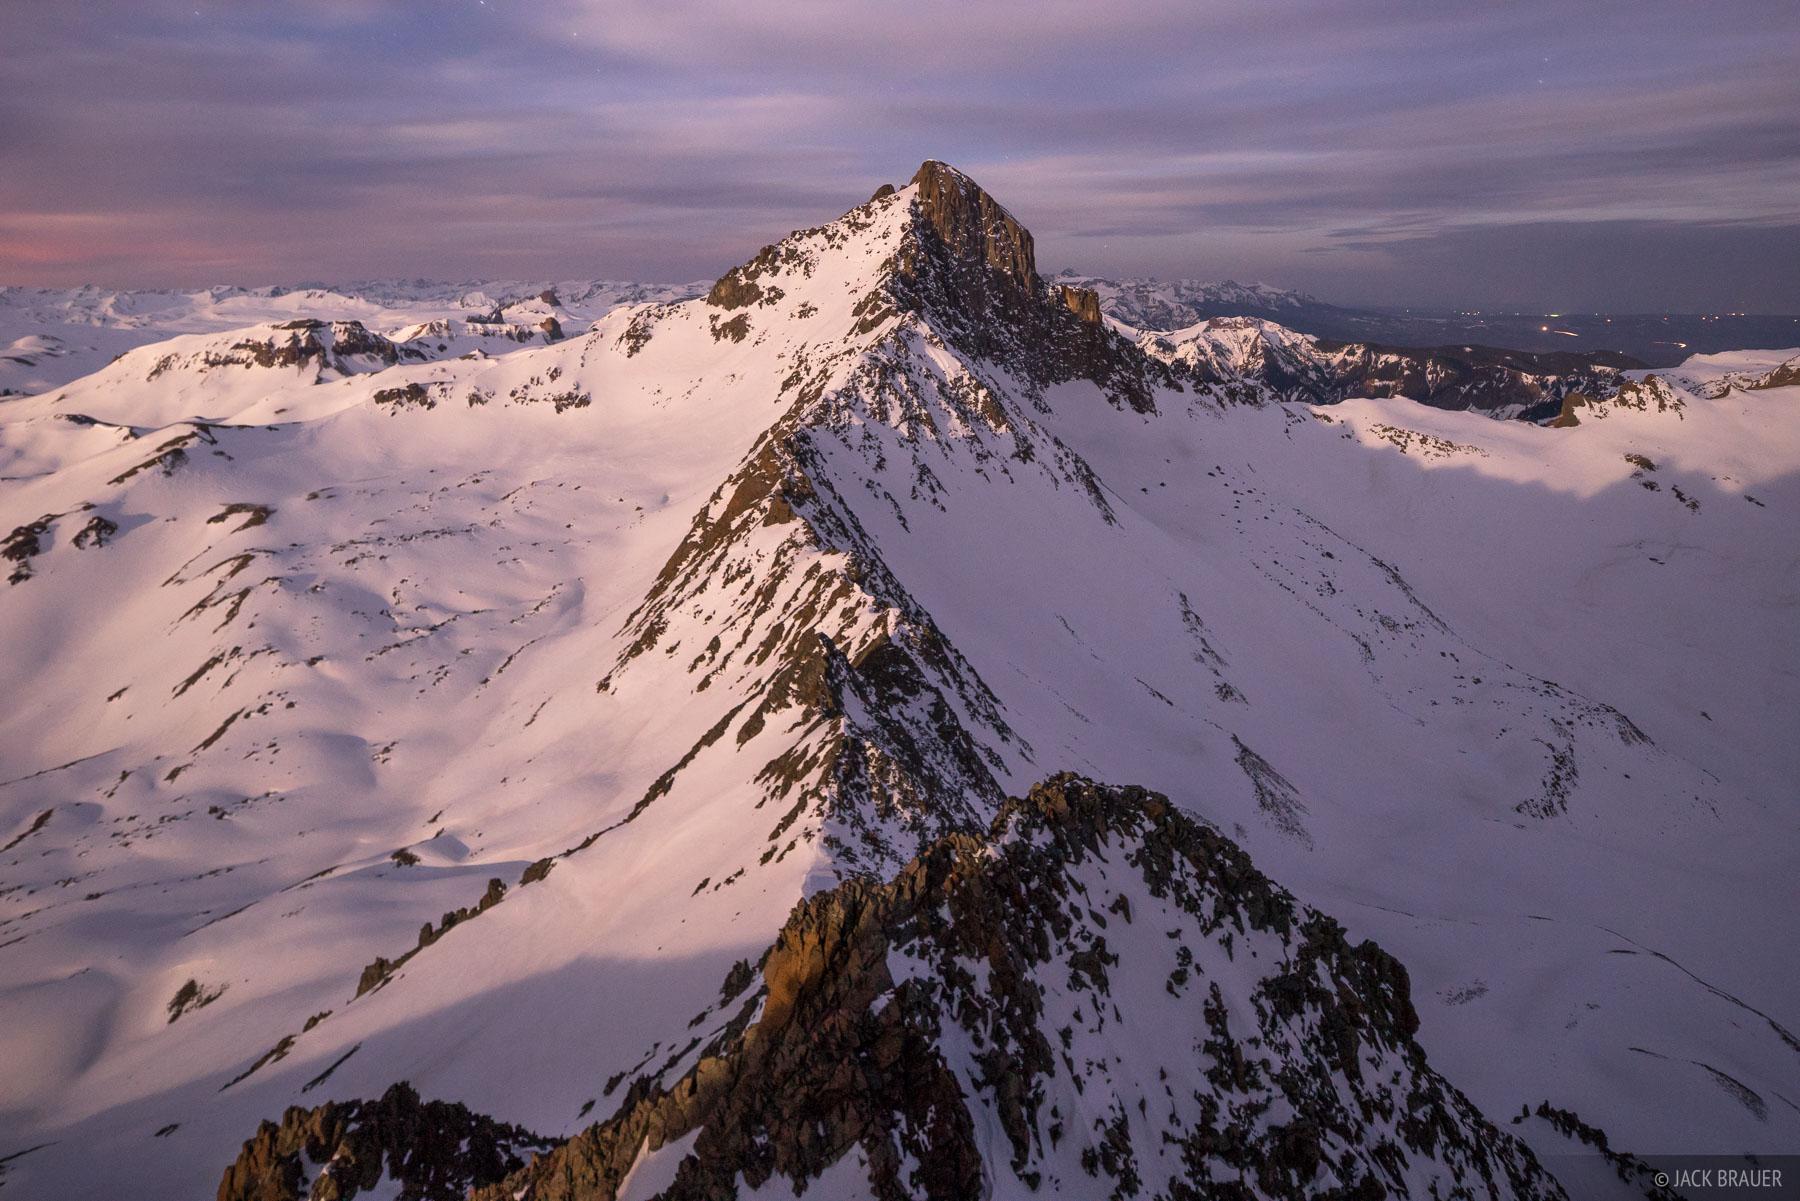 Moonrise light illuminates Wetterhorn Peak - April.